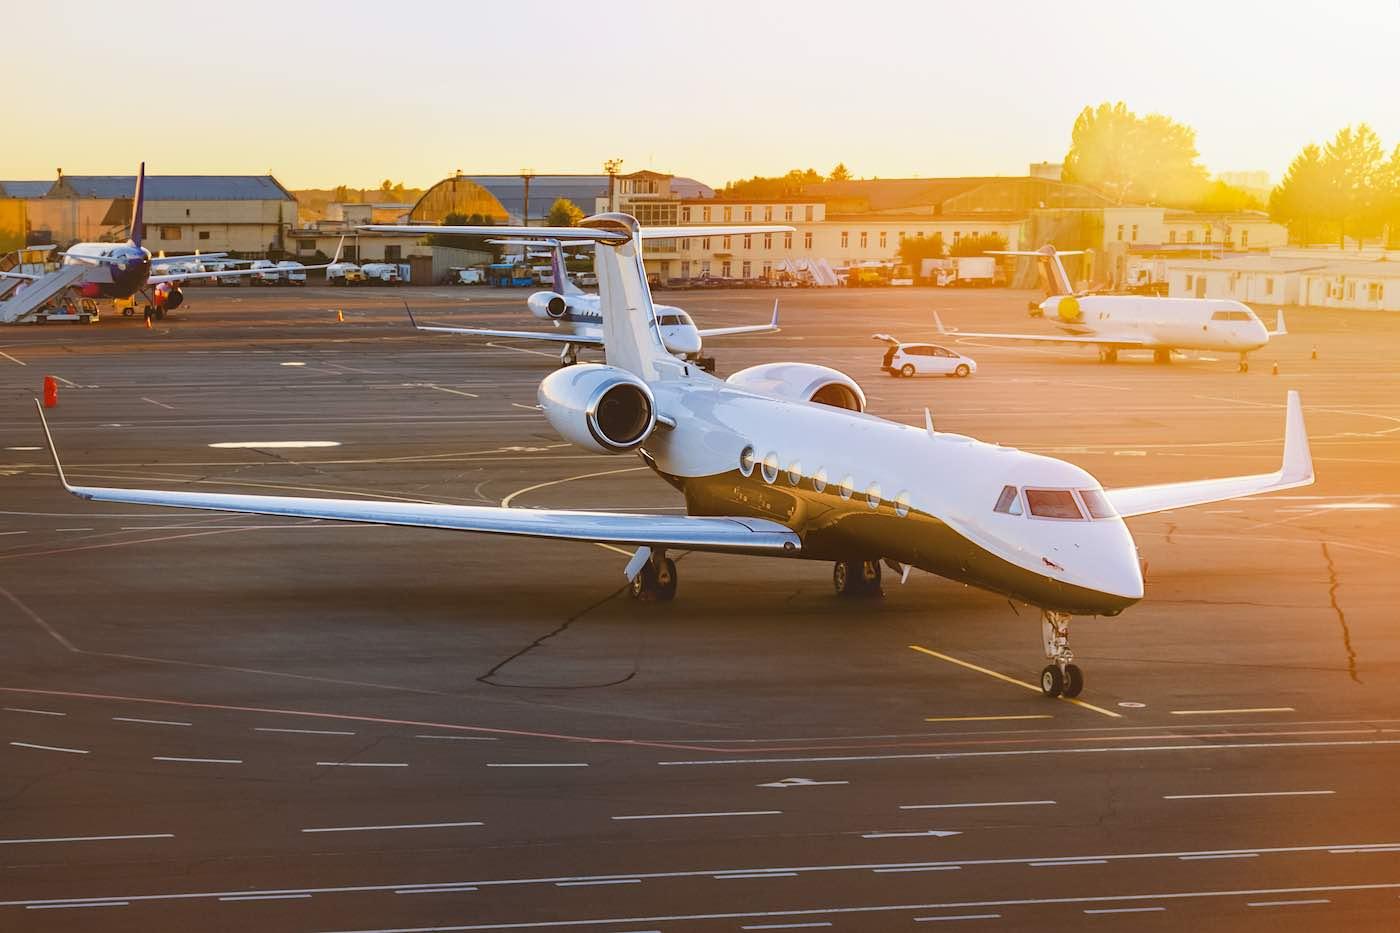 Conoce los flamantes aviones privados de Mark Cuban, incluyendo el increíble Boeing 757 de los Dallas Mavericks